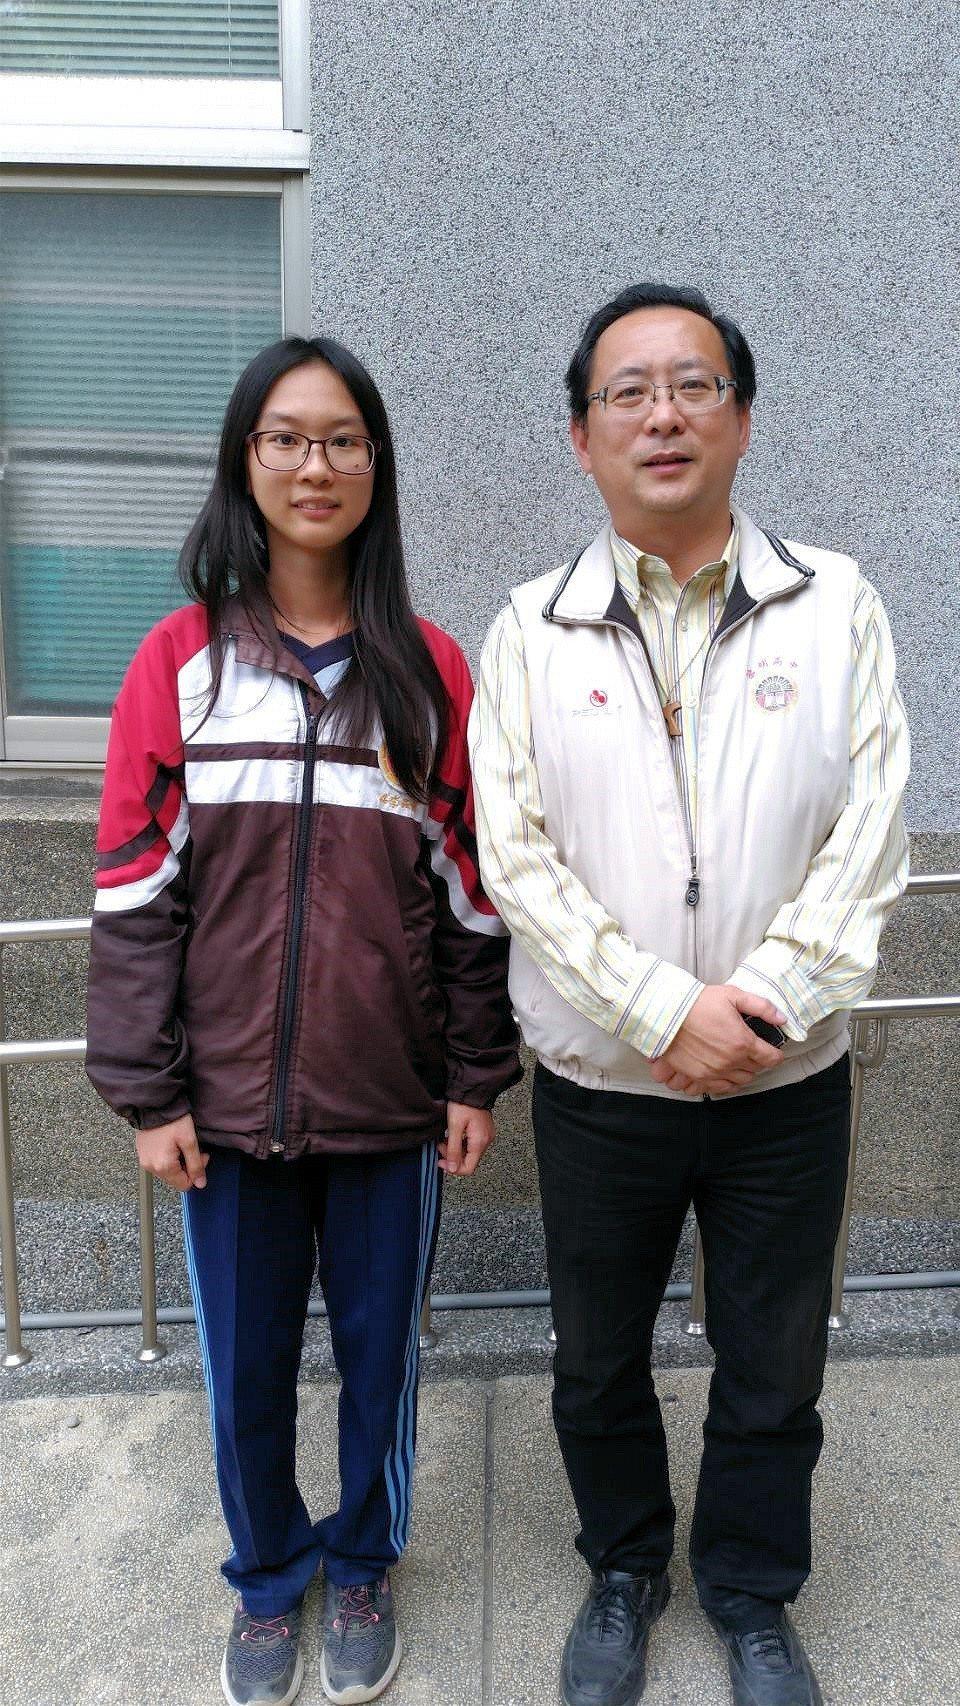 黎明高中李品芳(左)錄取清大化學工程學系,求學時常幫家人在市場幫忙賣粽子,校長羅...